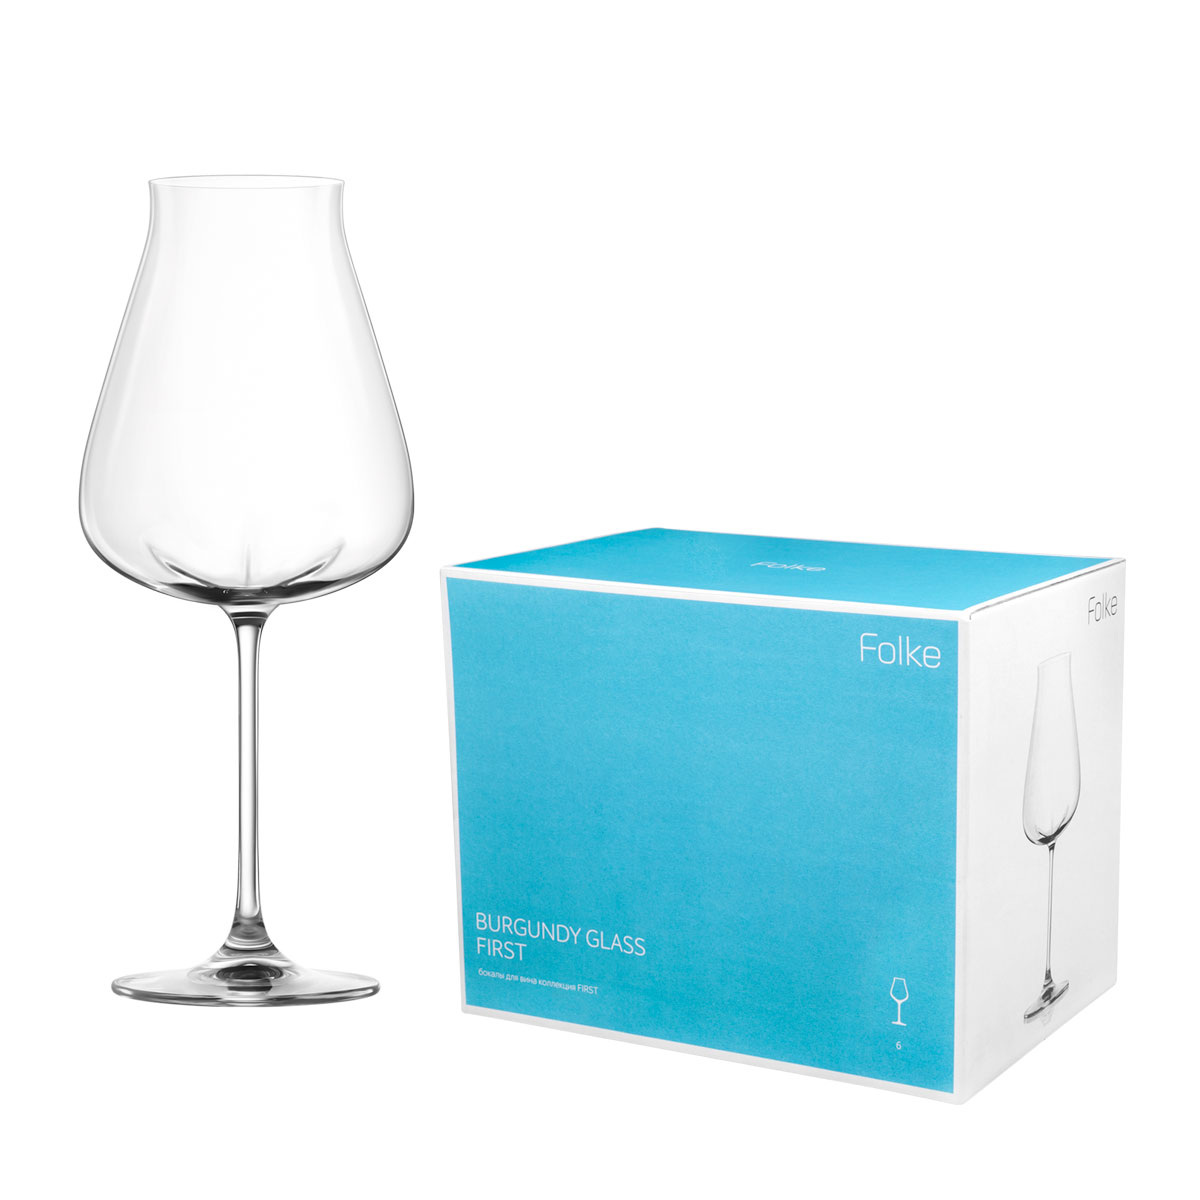 Набор бокалов для вина Folke Burgundy Glass, 700 мл, 6 шт. 2007178UVT-1520(SR)Набор Folke Burgundy Glass - это бокалы для вина из бессвинцового хрусталя высшего качества. Изделия отличаются исключительной чистотой и повышенной устойчивостью к механическим повреждениям. Улучшенные характеристики изделий позволяют использовать их повседневно в домашних условиях и в ресторанном бизнесе. Оригинальный дизайн позволяет любому напитку полностью раскрыться и заиграть новыми красками. Это поистине уникальное творение современных технологий и многолетнего опыта лучших мировых сомелье.